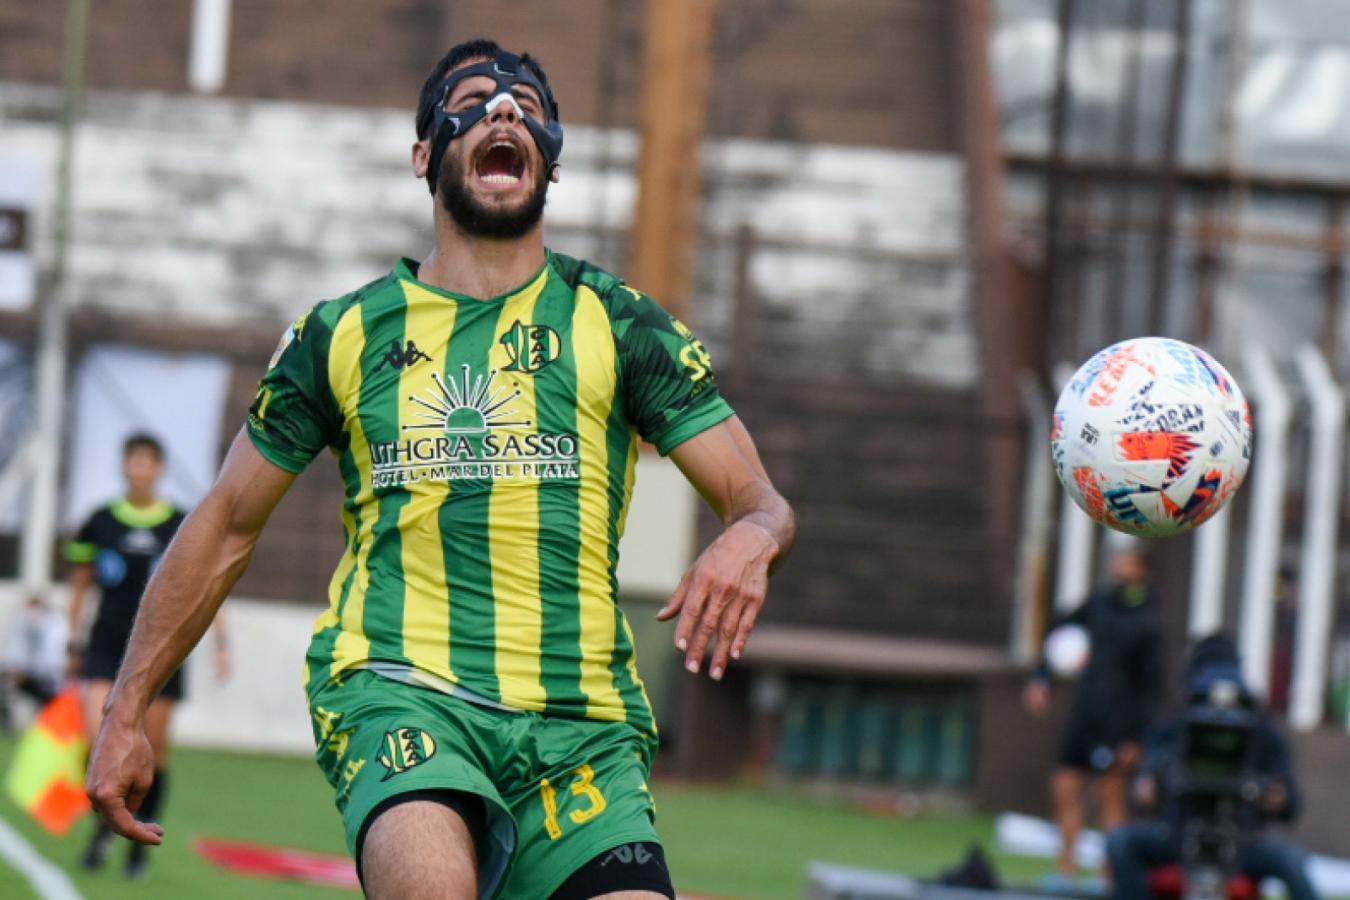 El hombre de la máscara. @LigaAFA